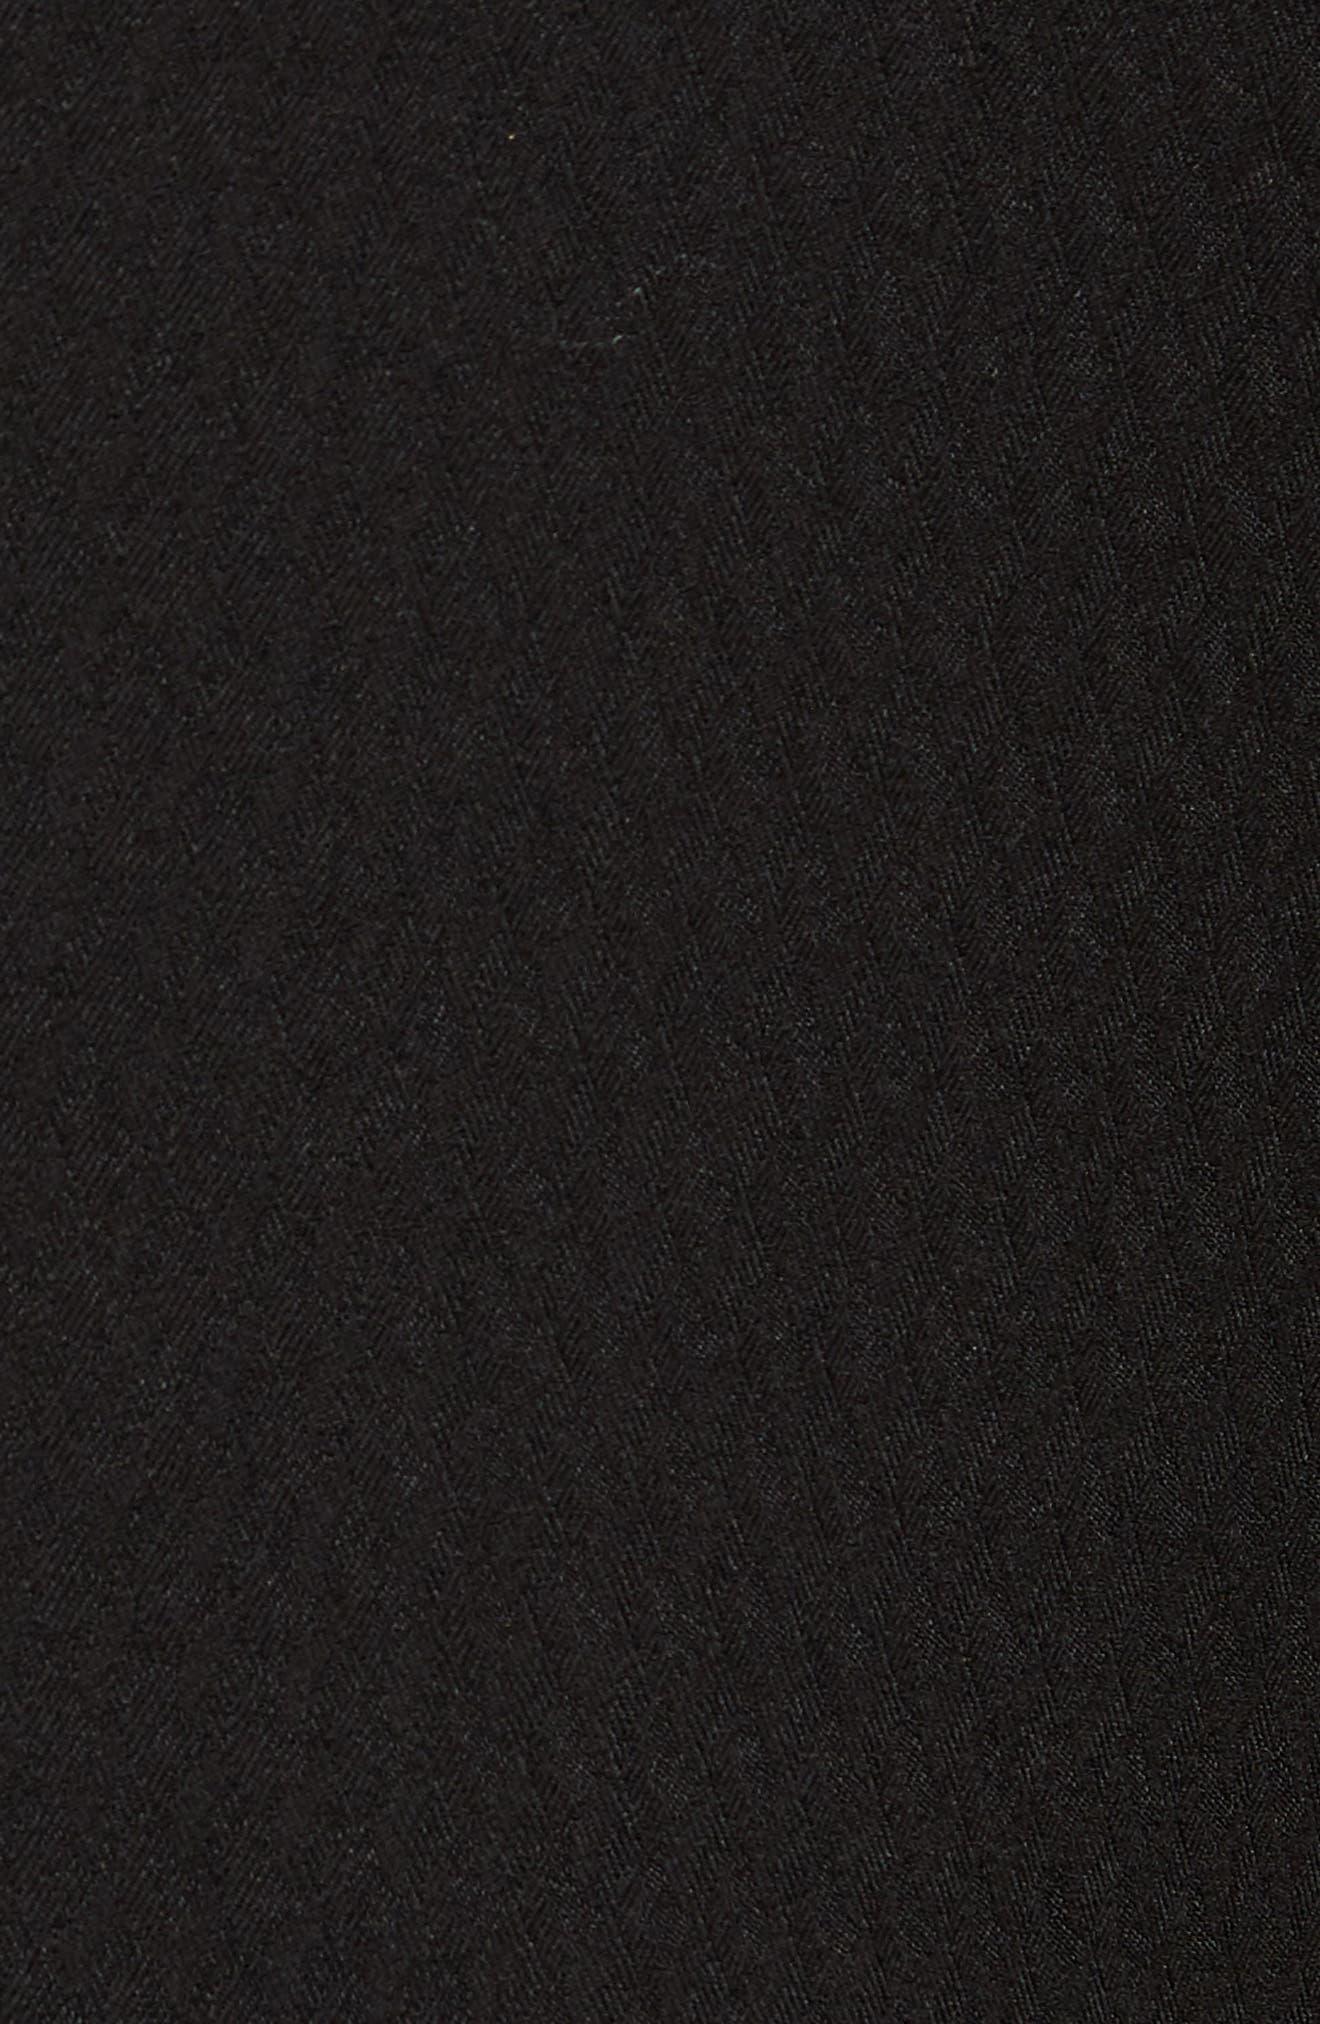 Kingley Slim Fit Tuxedo Pants,                             Alternate thumbnail 5, color,                             BLACK